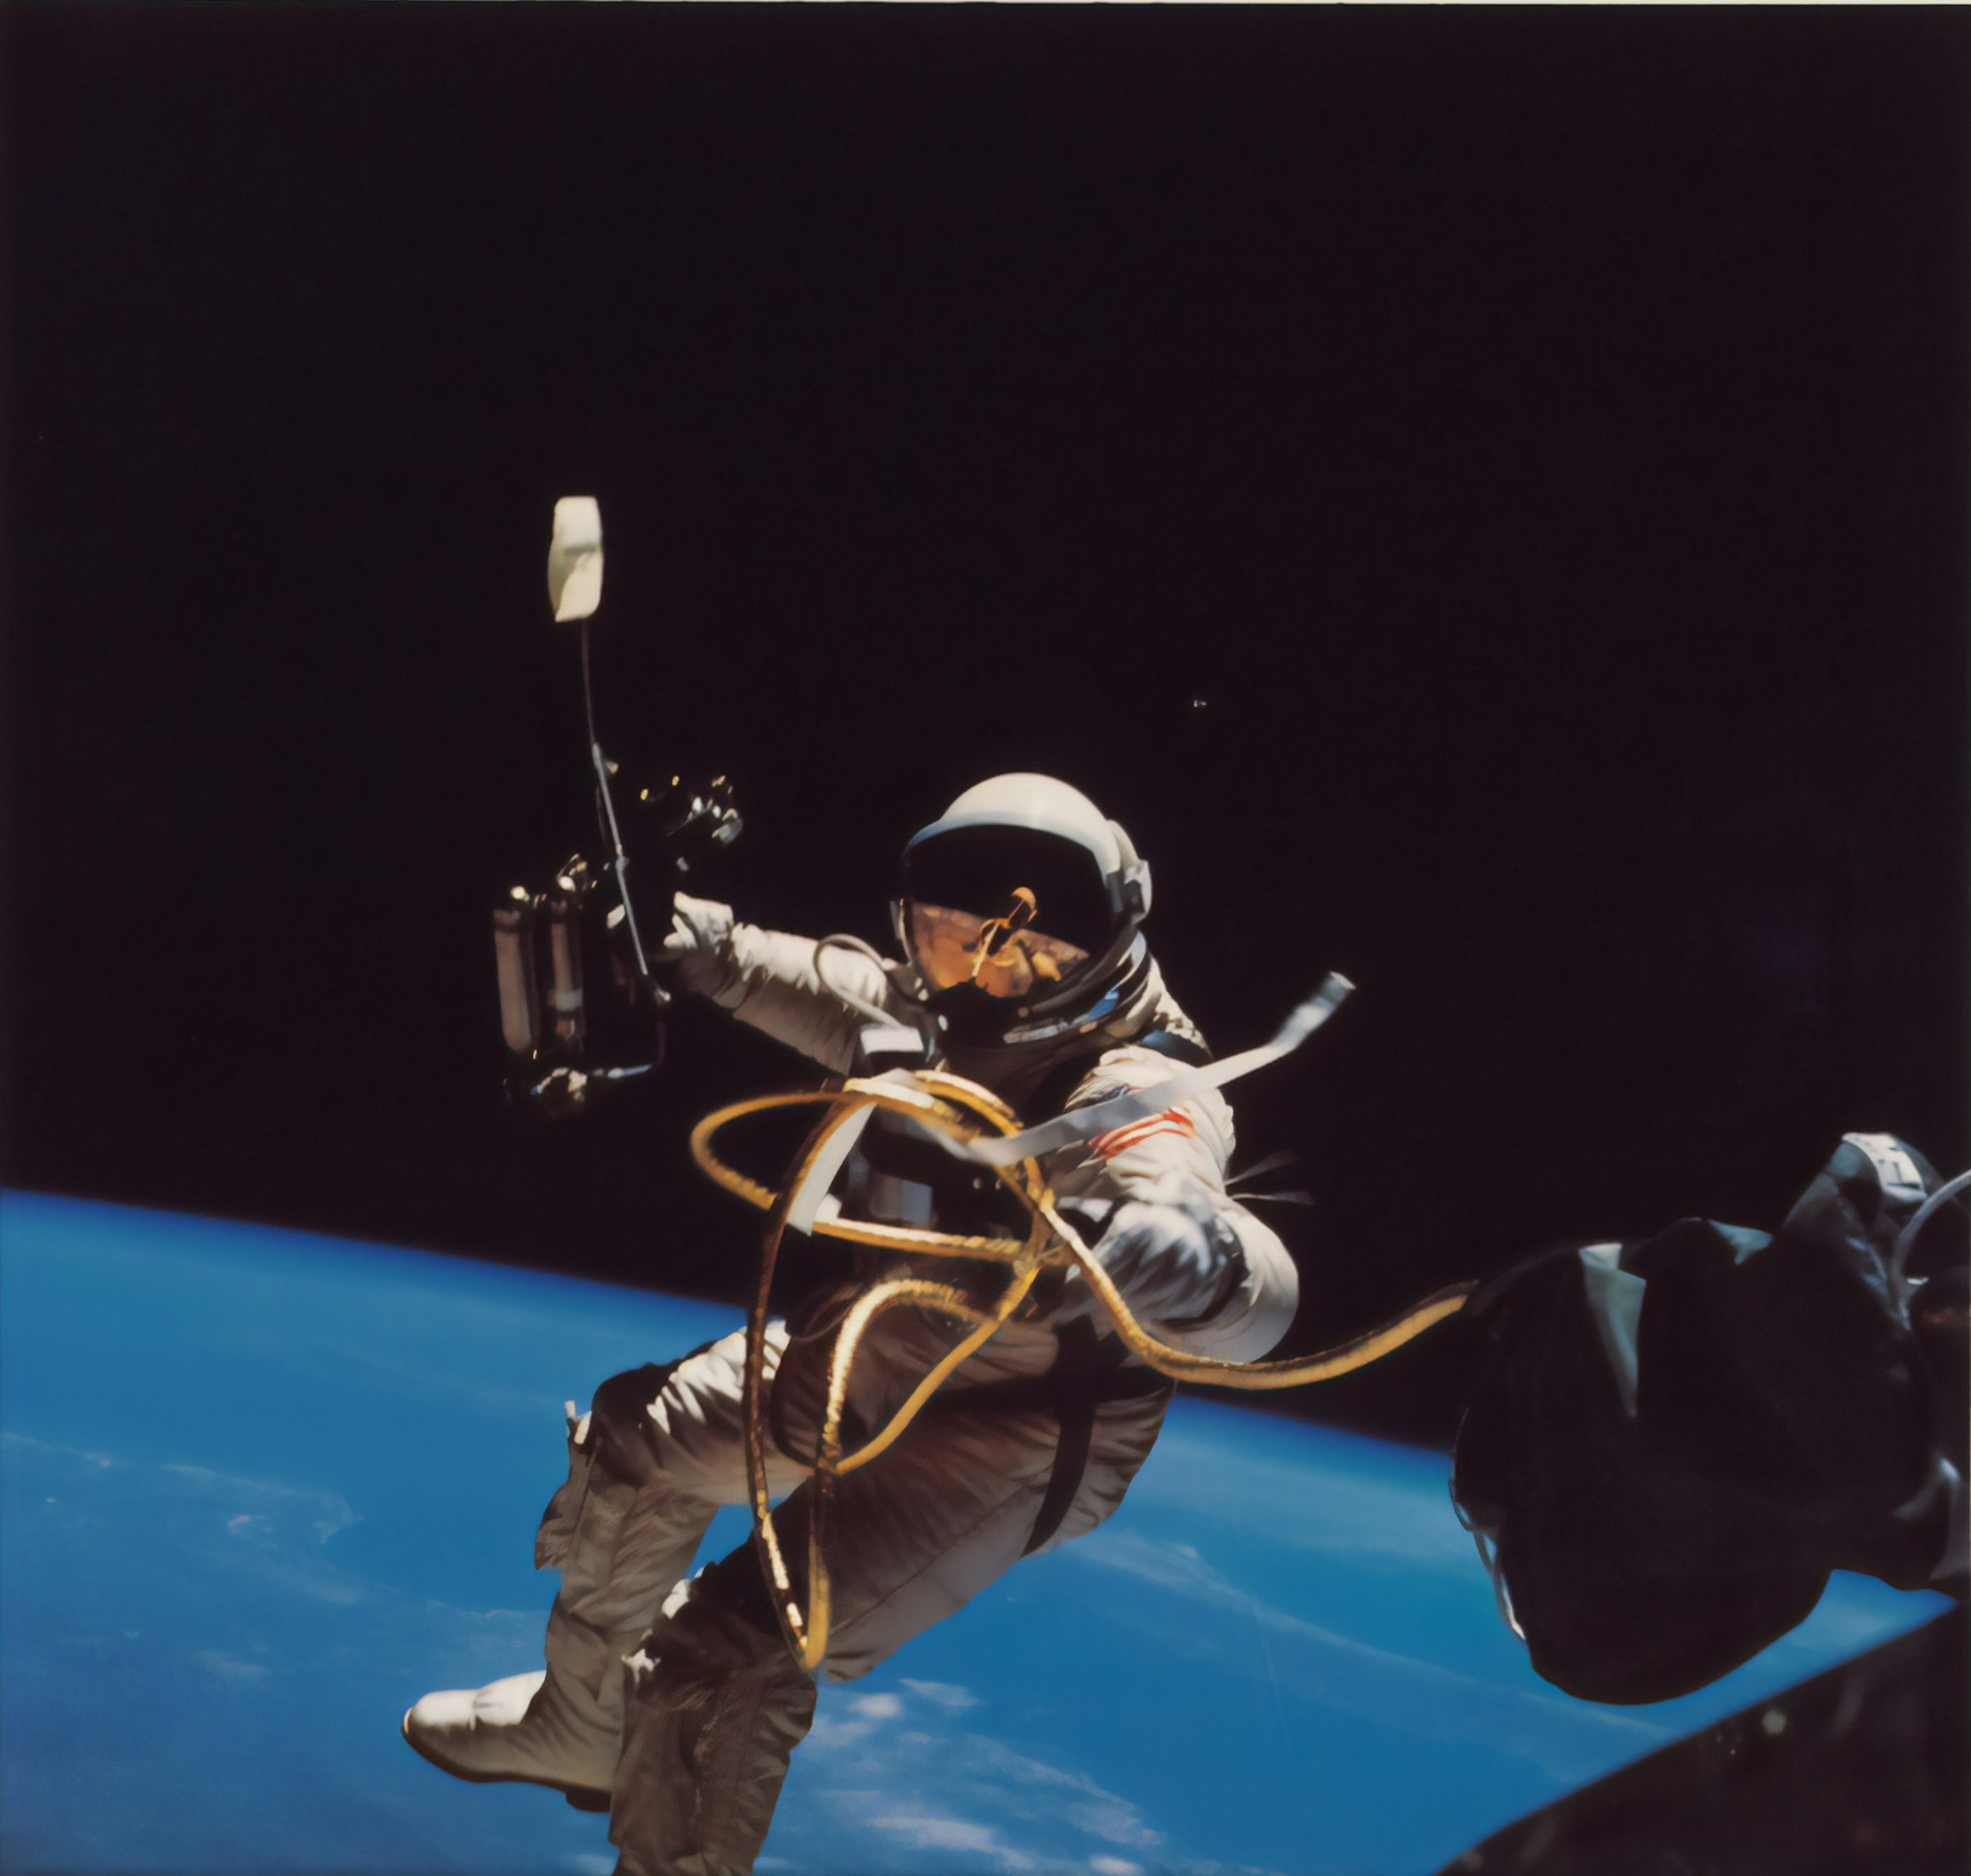 Virgin Galactic skapade historia förra söndagen genom att skjuta upp de första passagerarna, inklusive miljardärgrundaren Richard Branson, i rymden. Denna händelse markerar ett stort steg framåt för den växande rymdturismen. Det är därför rymdfonder landar vid rätt tidpunkt.